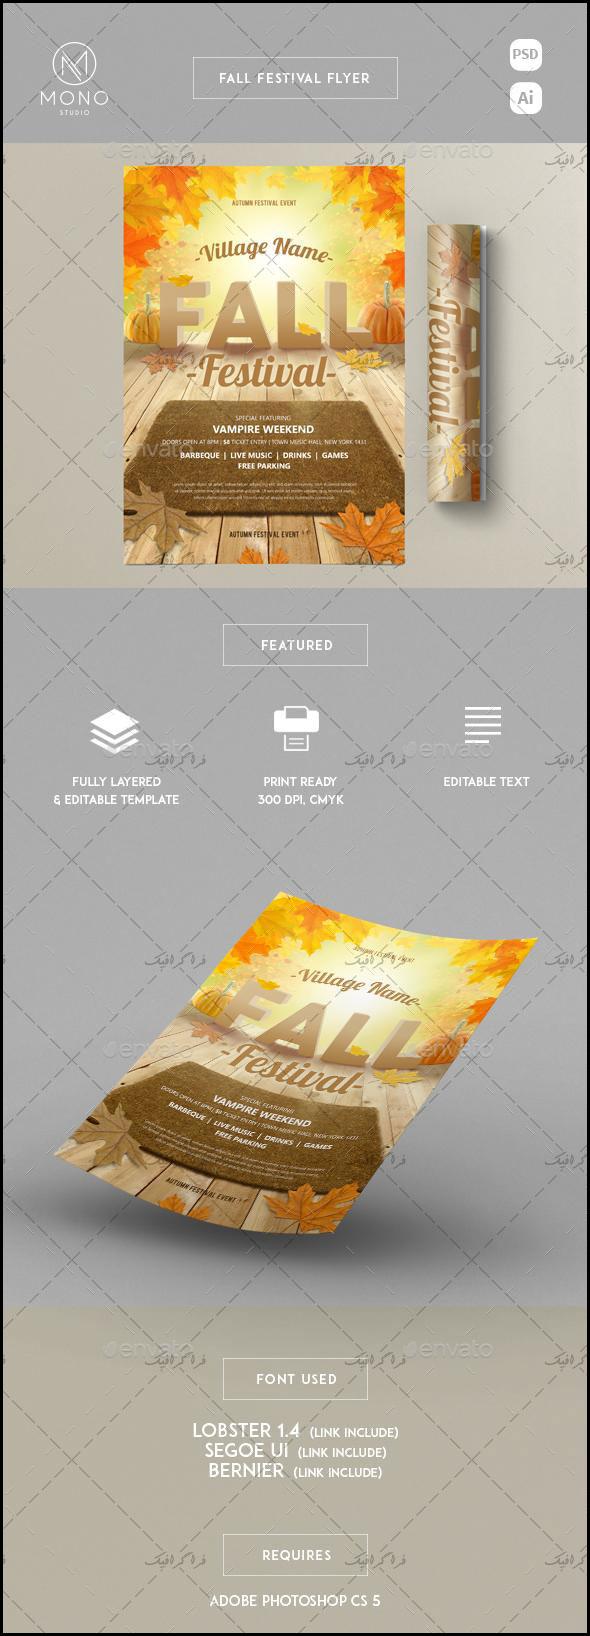 دانلود فایل لایه باز فتوشاپ پوستر تبلیغاتی پاییز - شماره 8